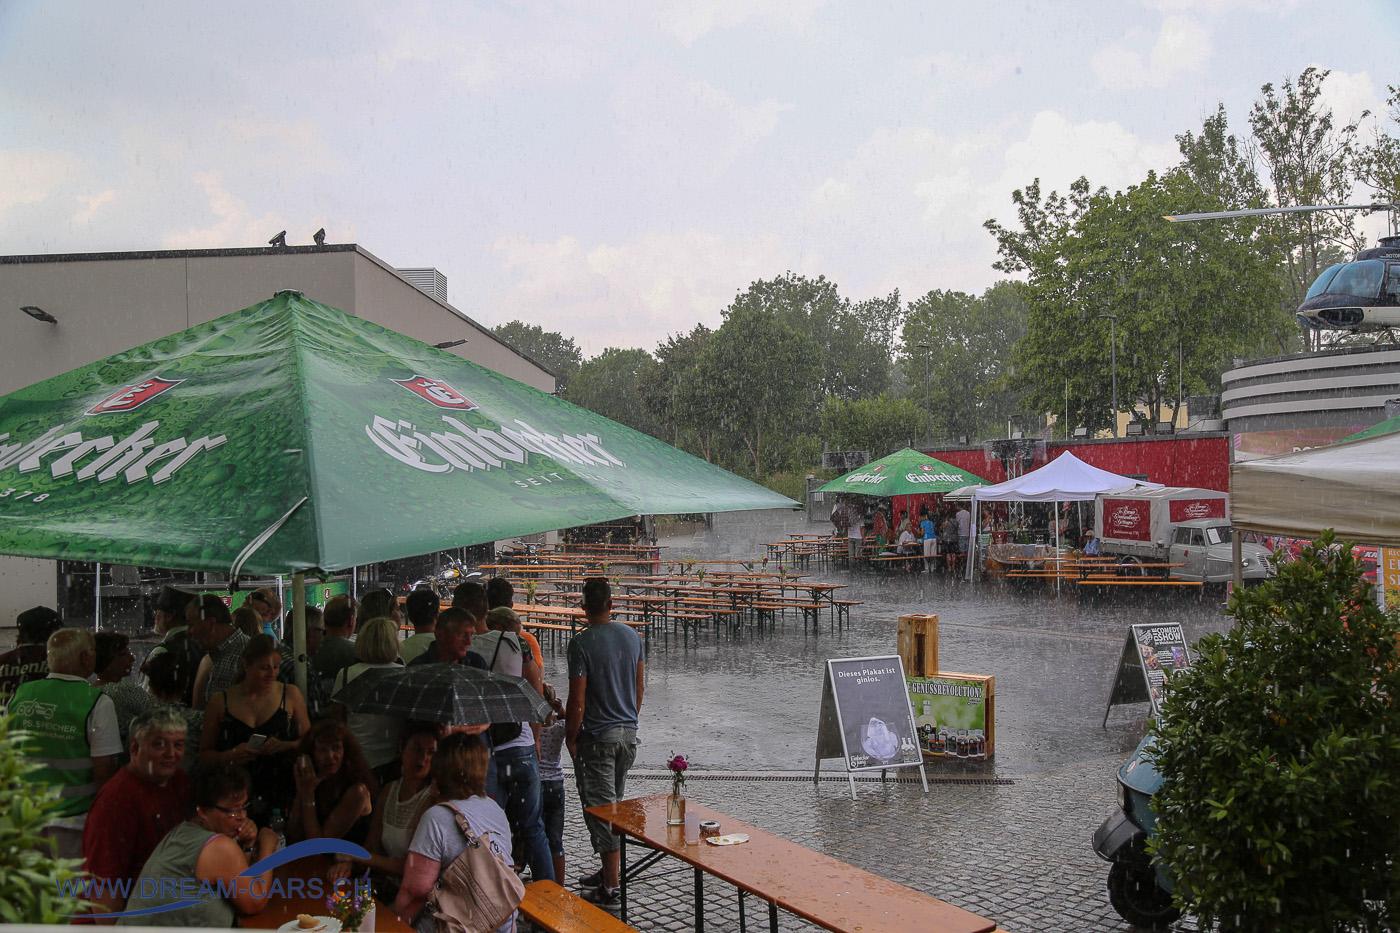 Einbecker Oldtimertage im PS.SPEICHER, 20. - 22. Juli 2018. Zum Abschluss gab es heftige Regengüsse